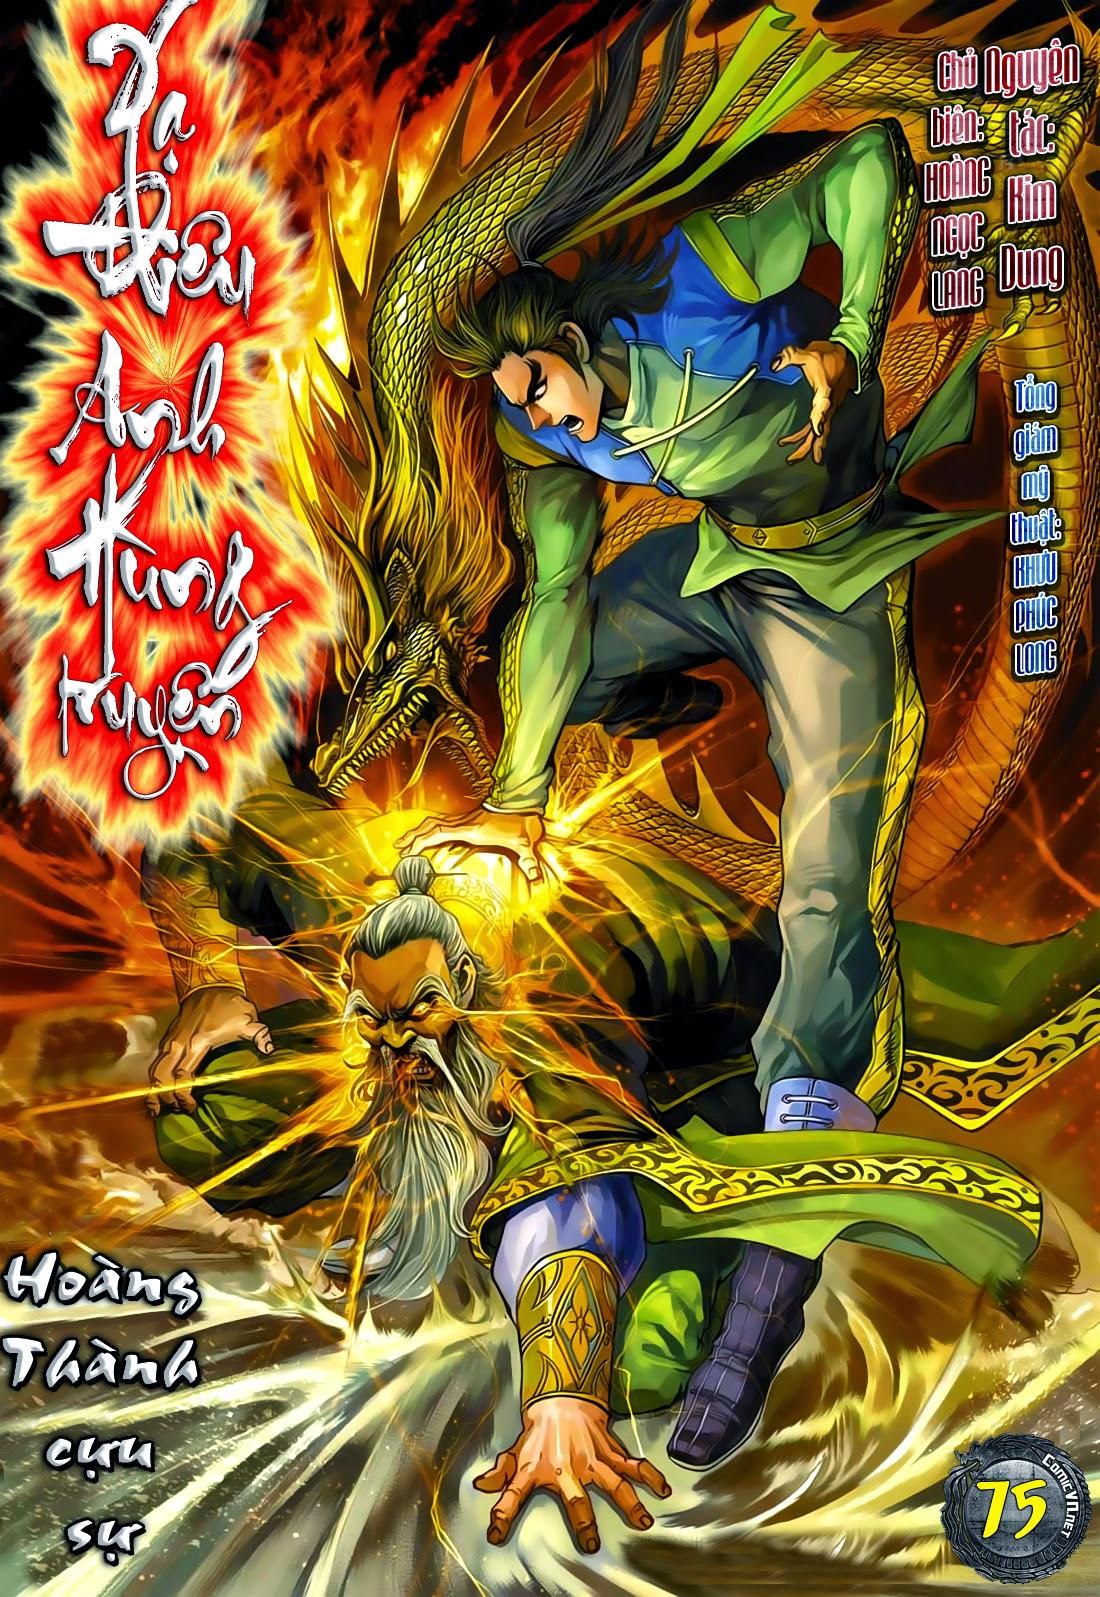 Anh Hùng Xạ Điêu anh hùng xạ đêu chap 75: hoàng thành cựu sự trang 1